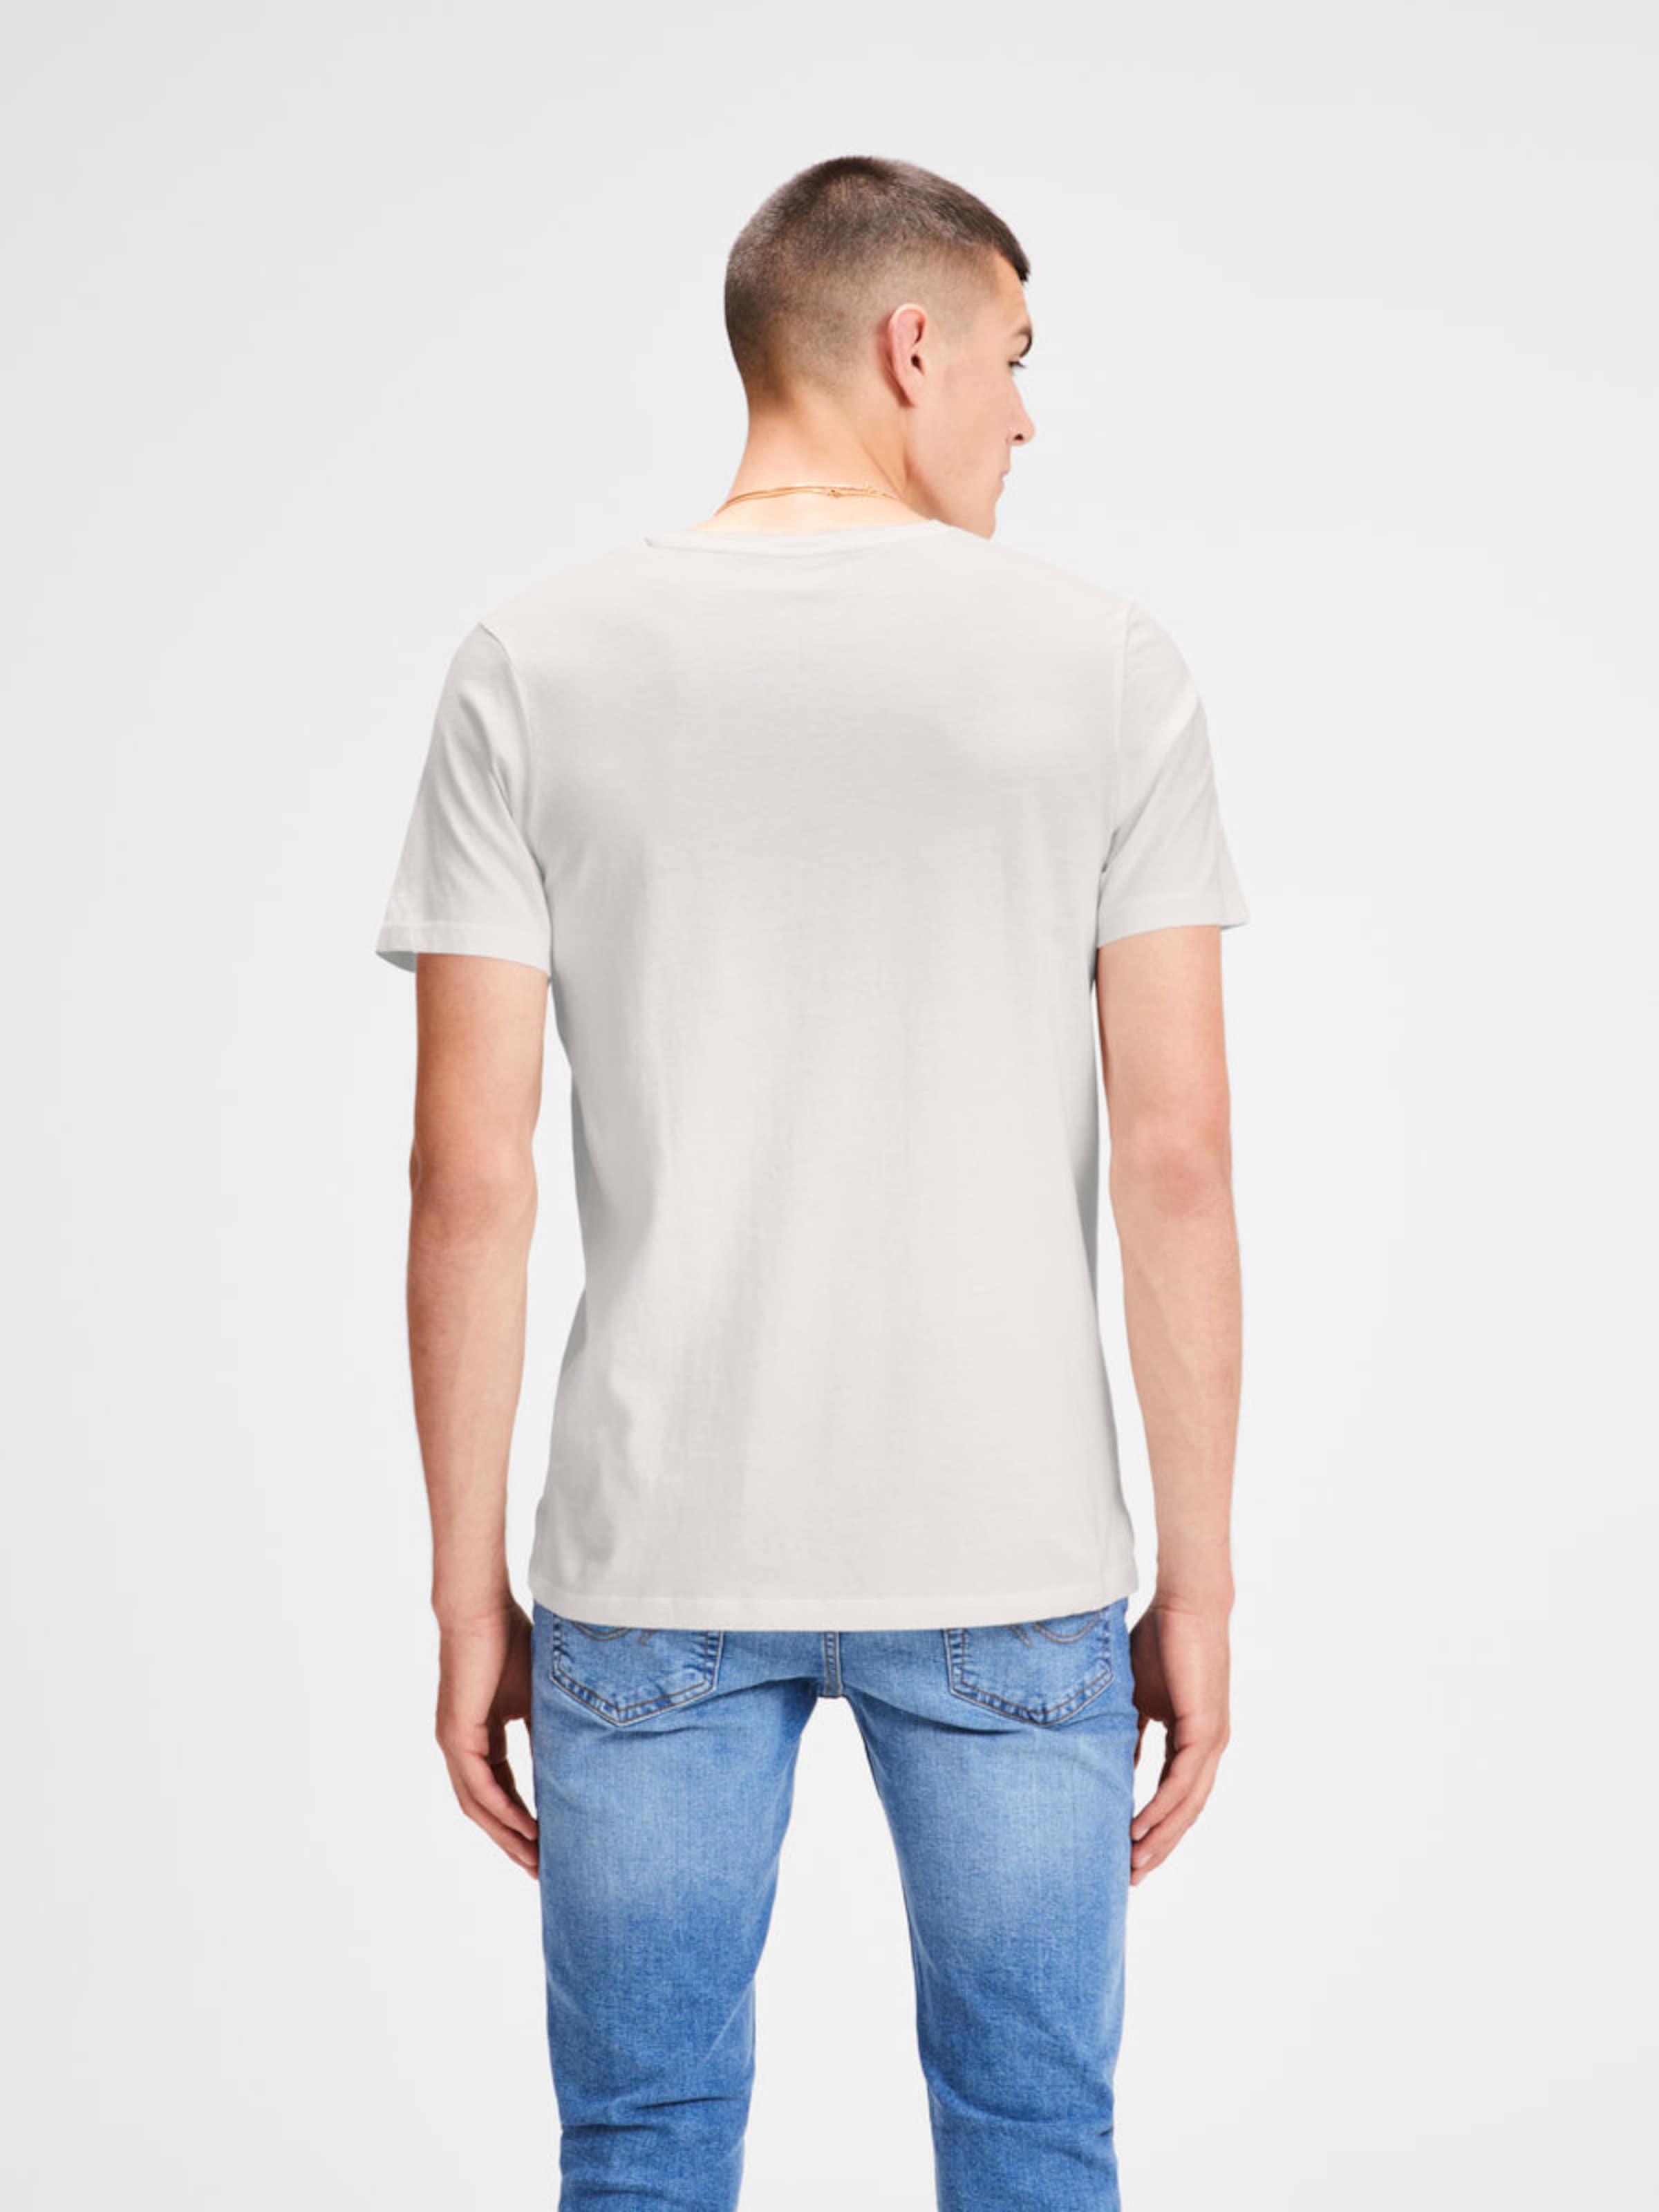 T shirt BleuBlanc Jones Jackamp; En 13clFJ5uKT